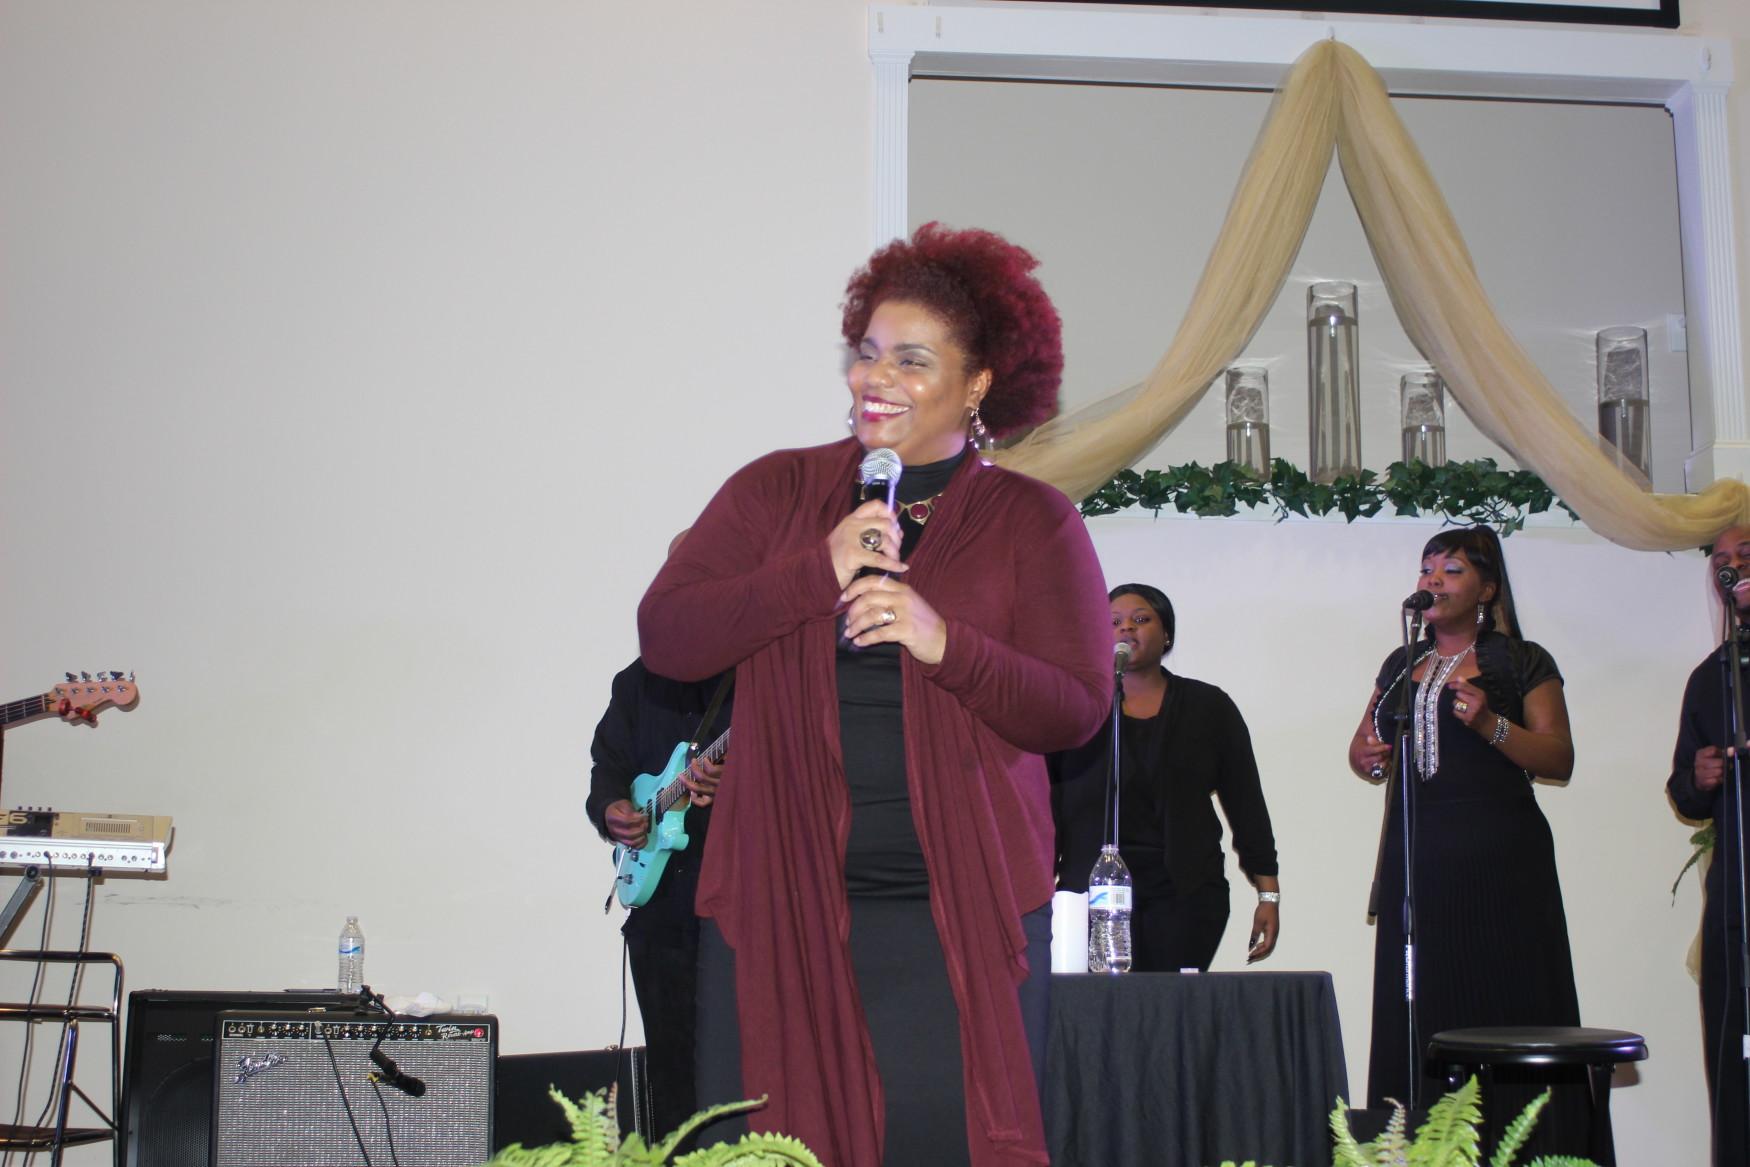 Valerie Woodard